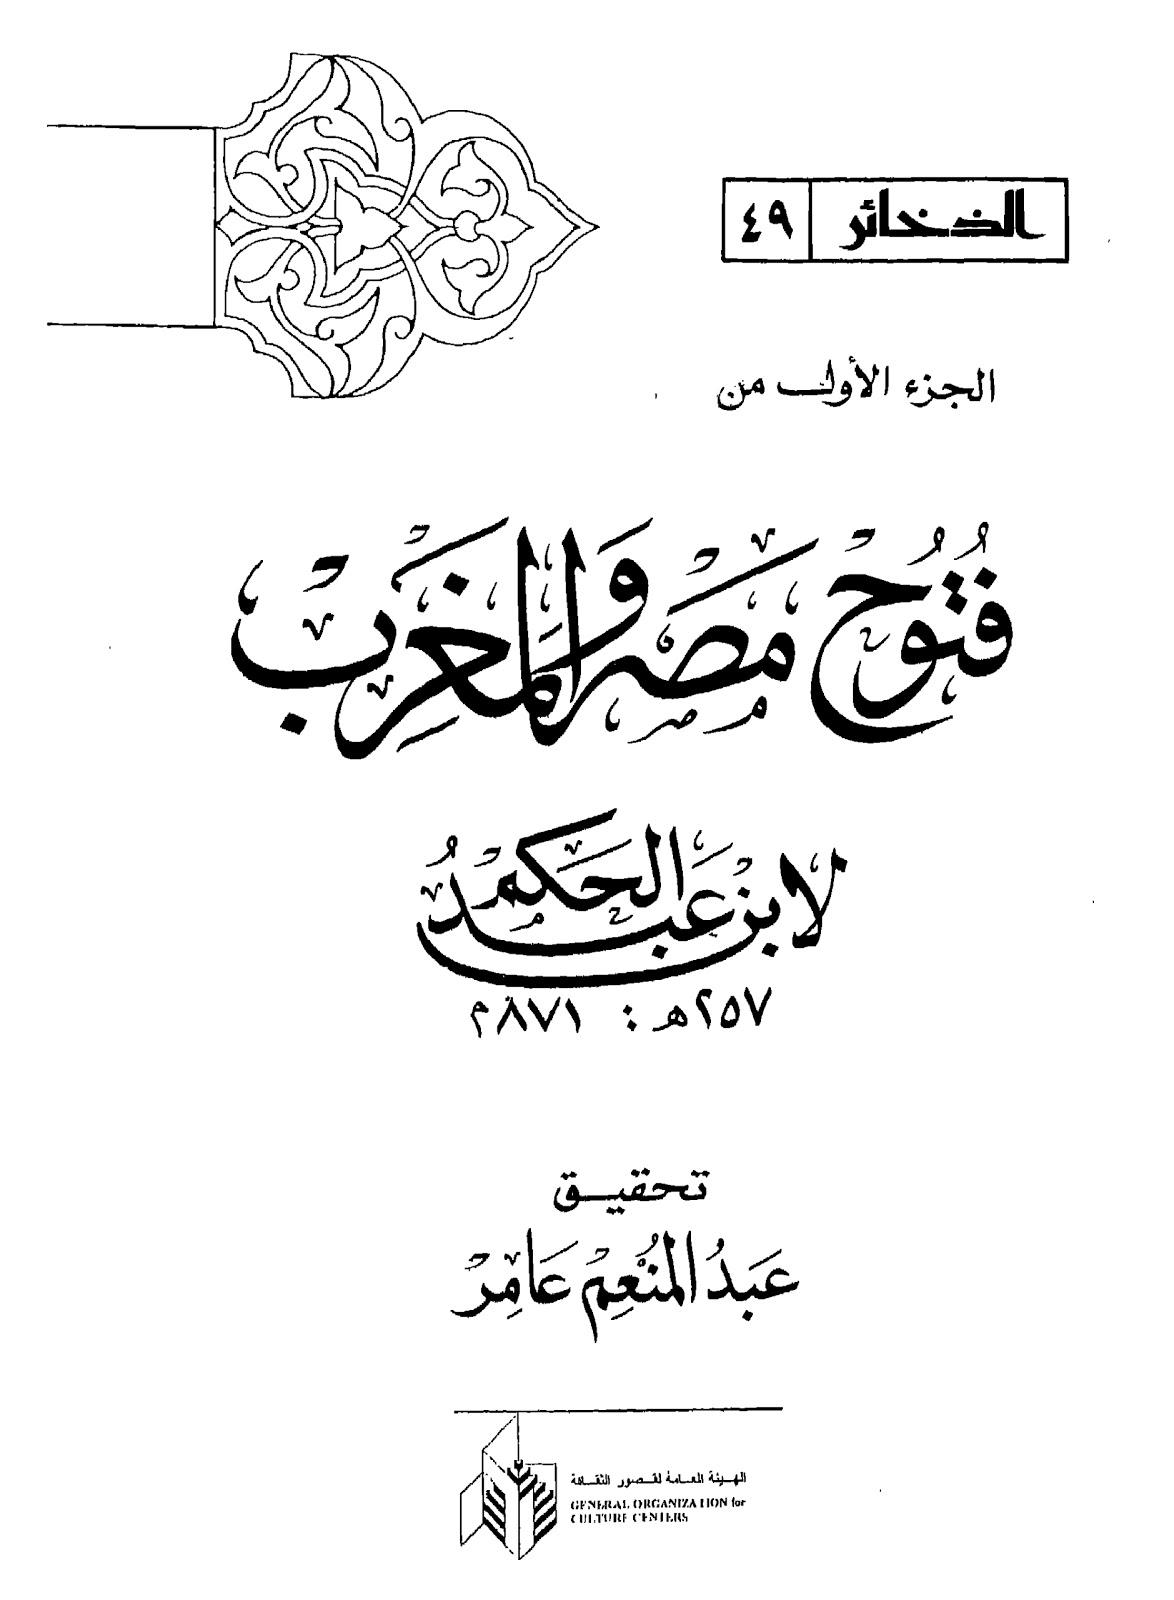 كتاب فتوح مصر و المغرب